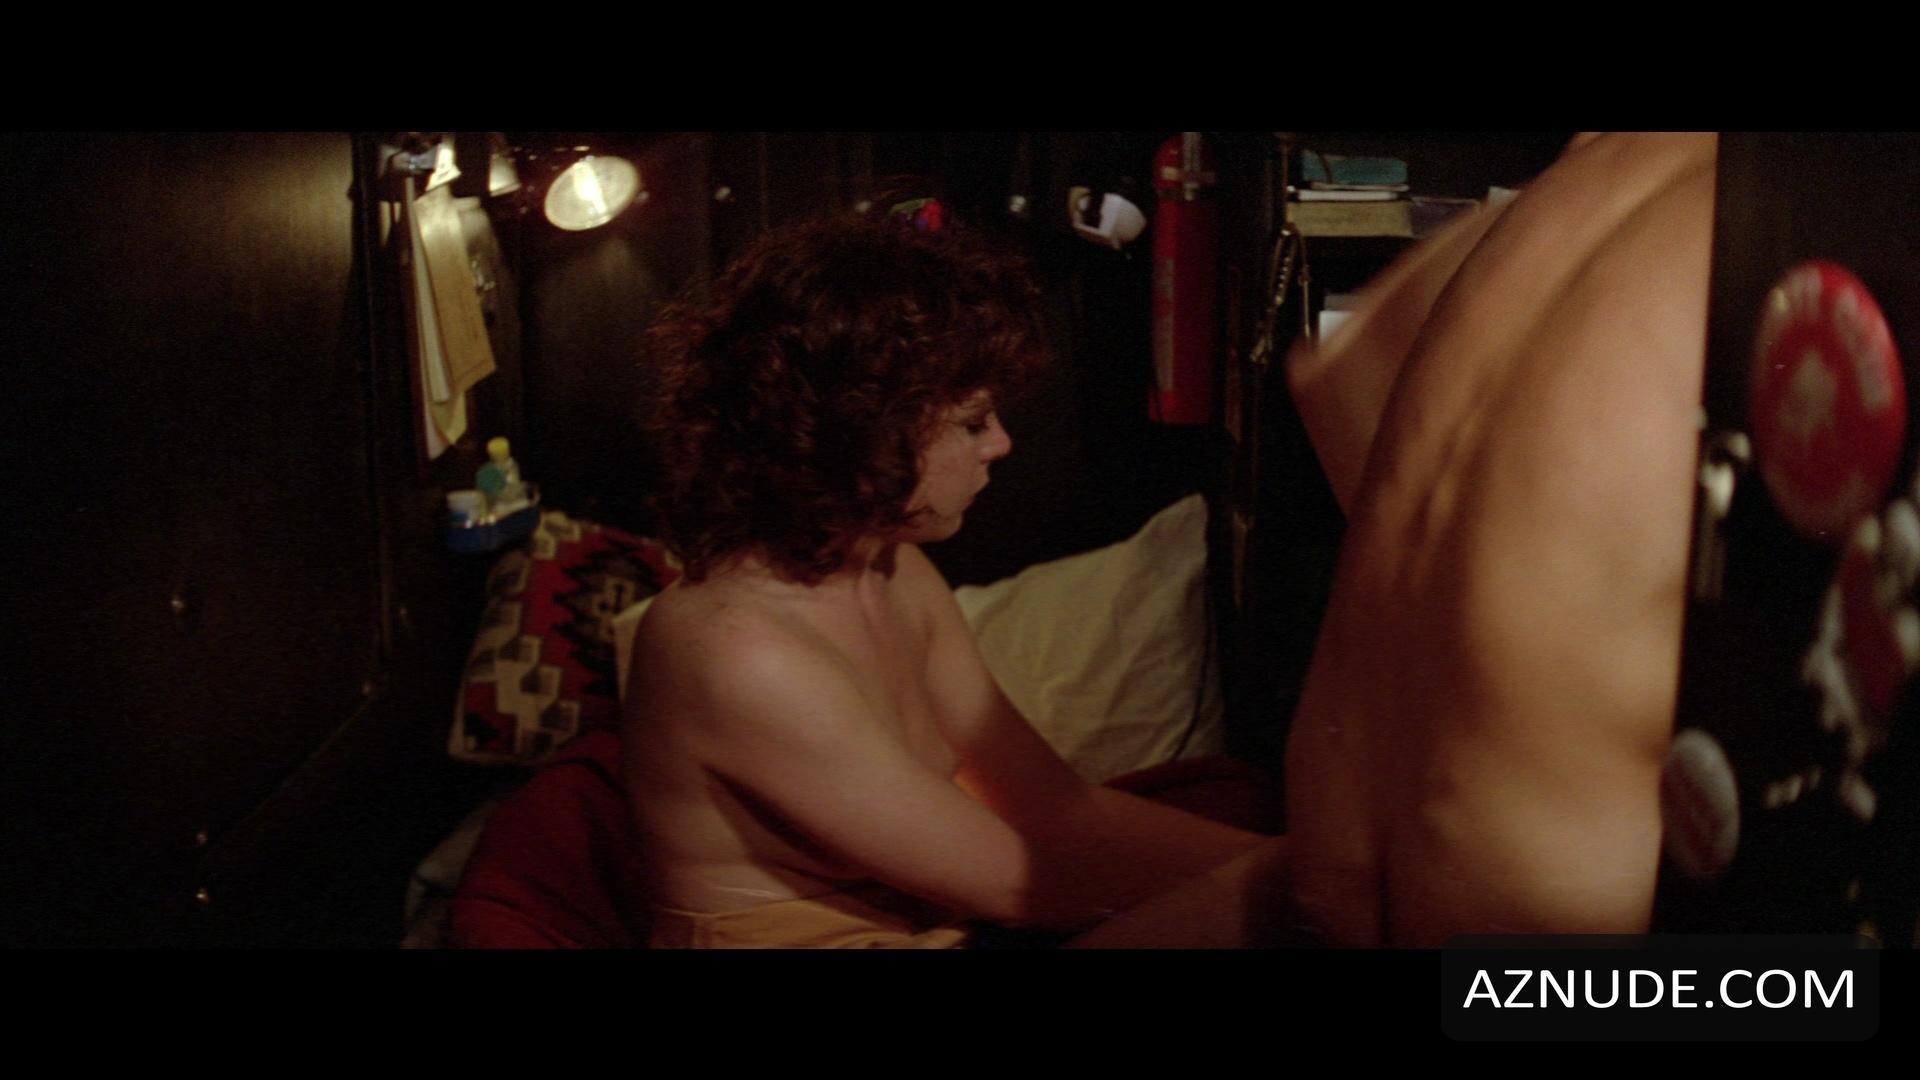 Sarah miles nude porn pics